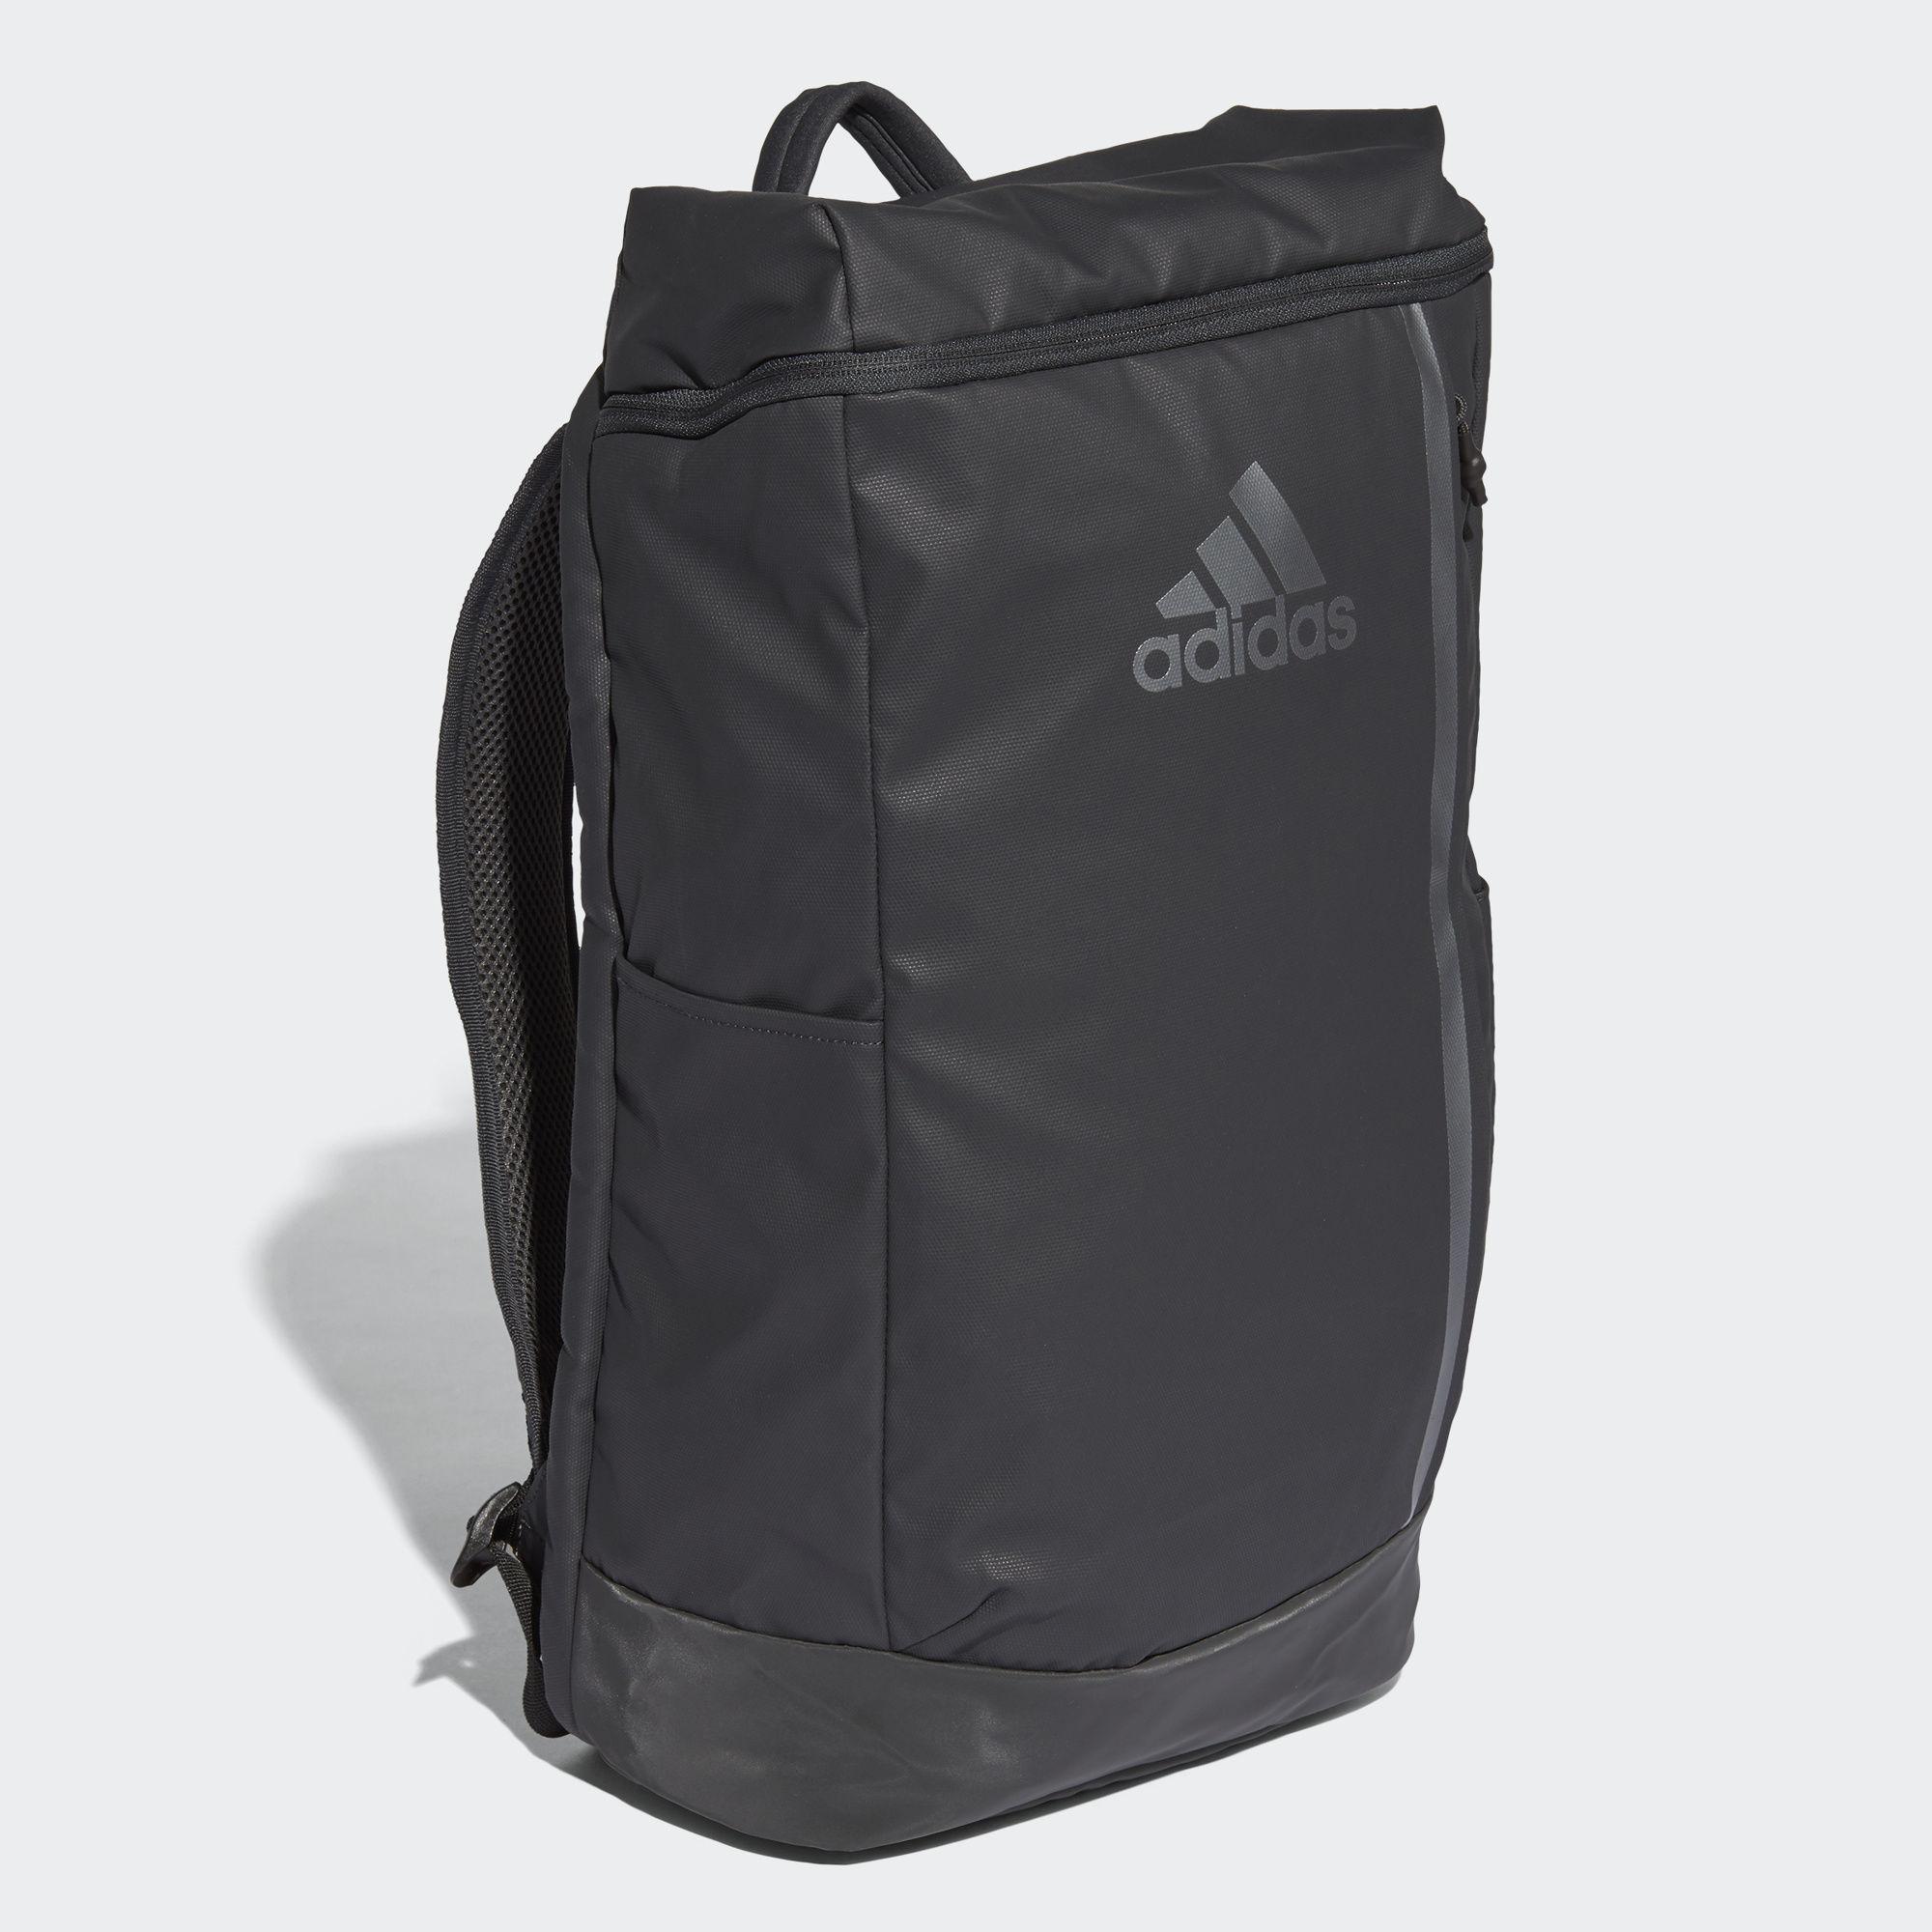 Mẫu túi TRAINING BACKPACK của adidas có giá 43 €. Ảnh: adidas